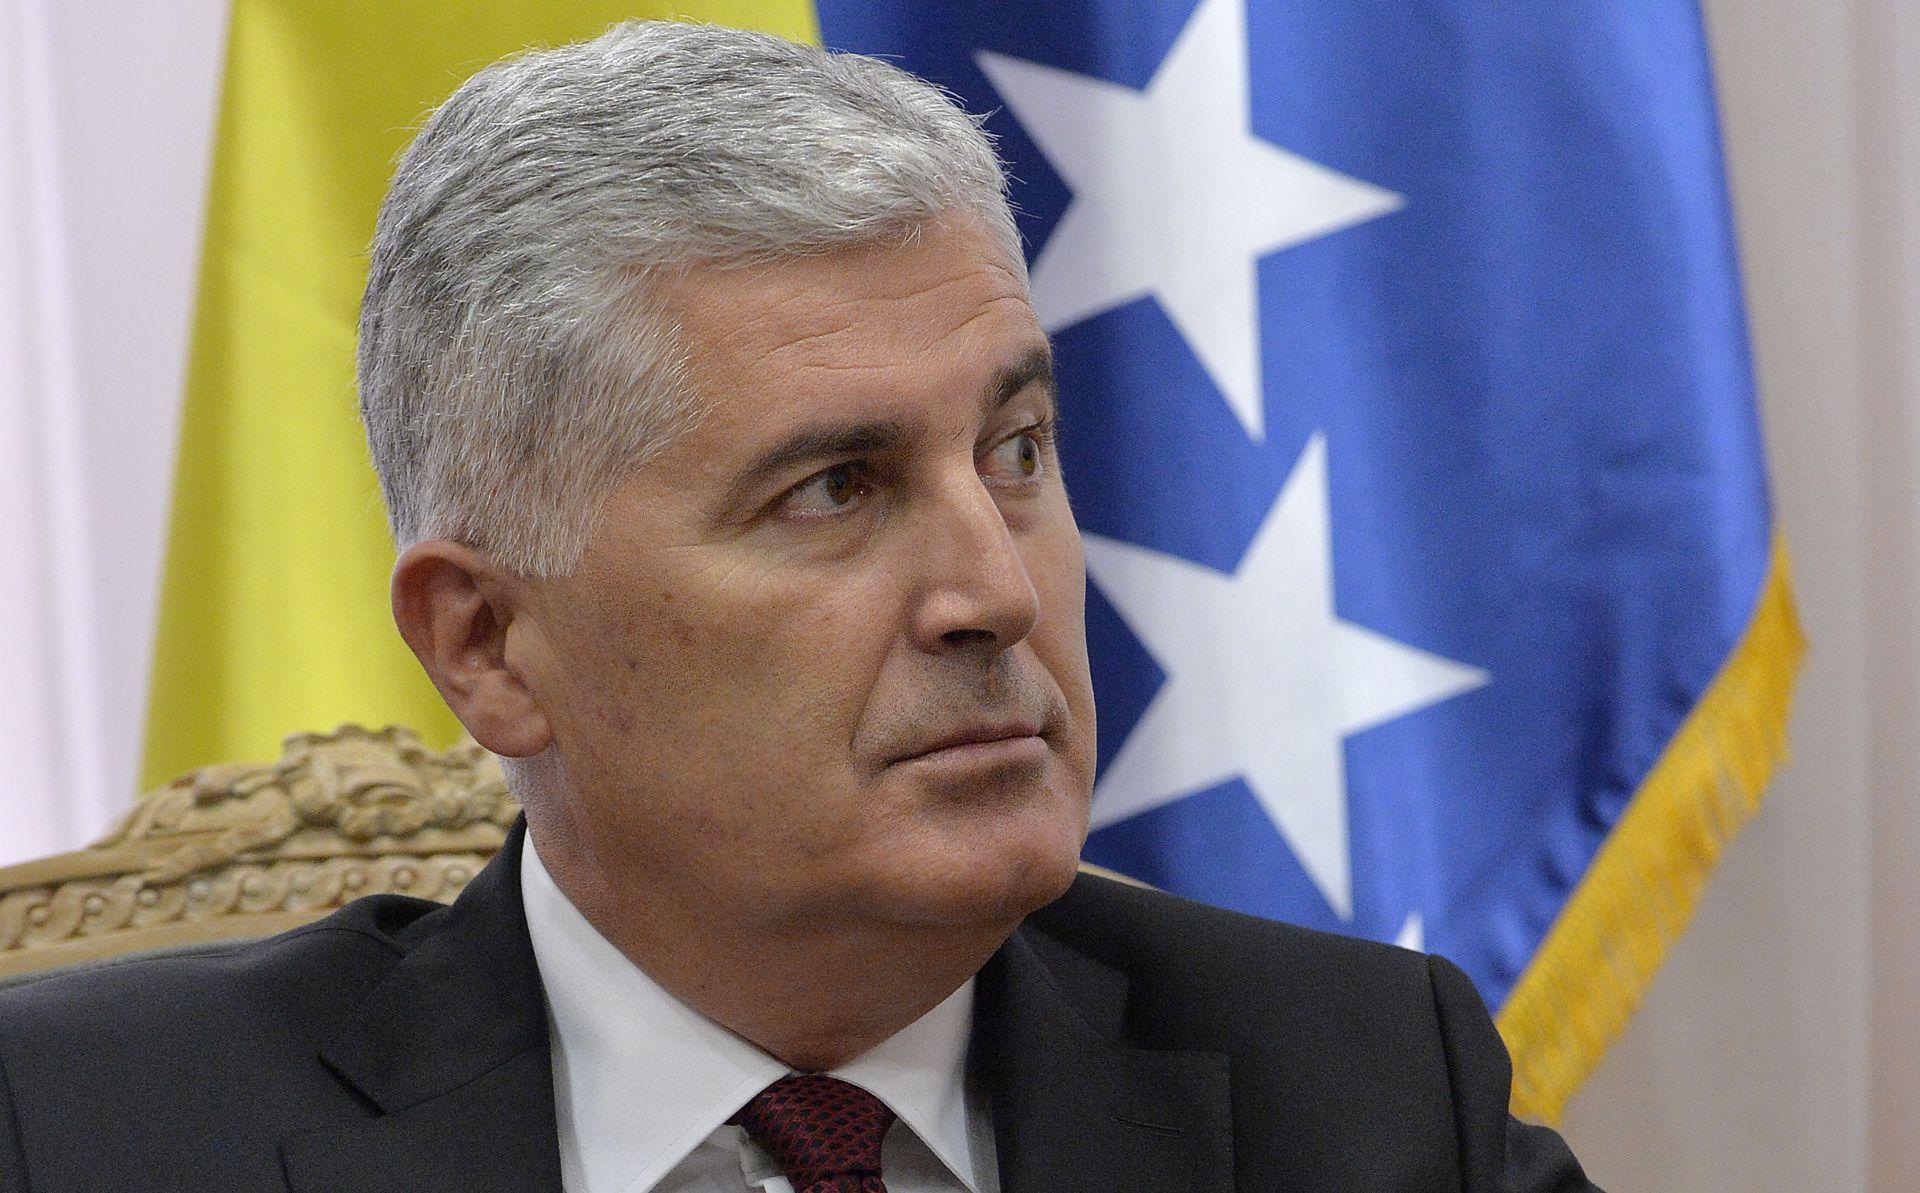 PRVREMENO ZABRANJEN REFERENDUM Dragan Čović, OHR i veleposlanstvo SAD-a u BiH reagirali na odluku Ustavnog suda